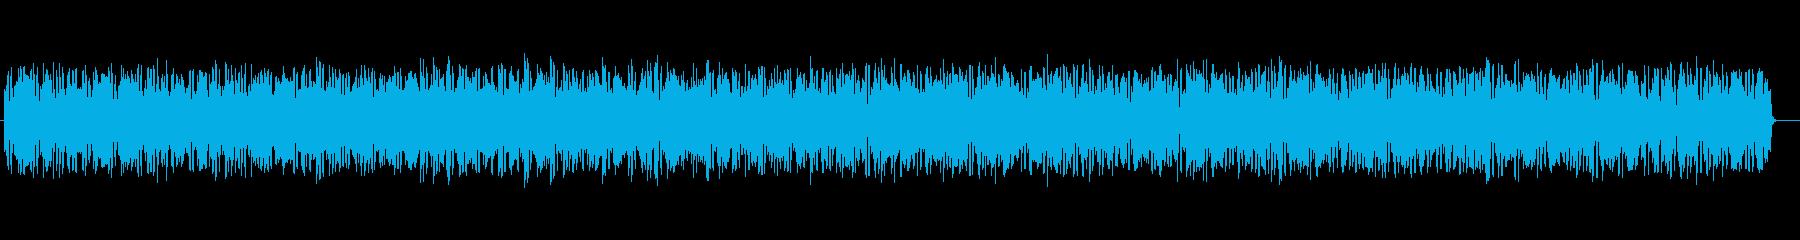 近未来的なシンセサイザーサウンドの再生済みの波形